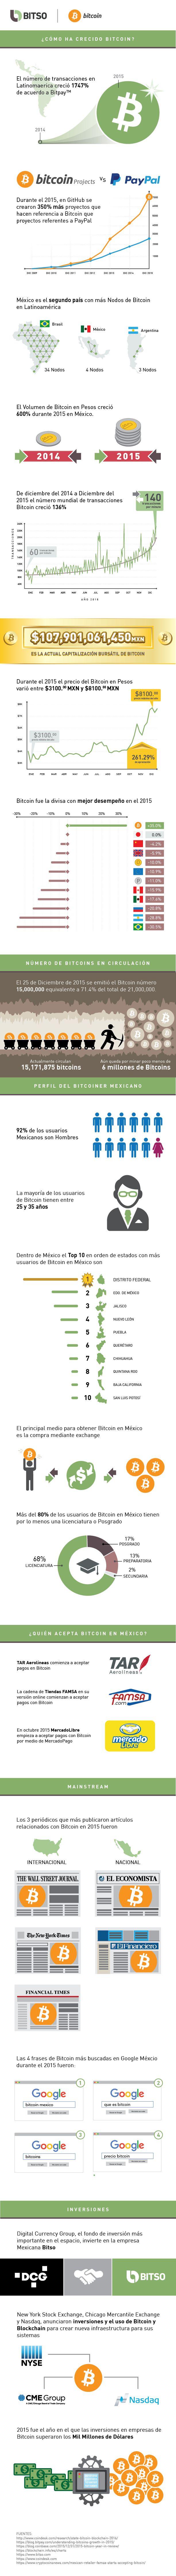 ¿Cómo creció el Bitcoin en el 2015? Datos de Bitso Bitcoin Exchange #bitcoin #mexico #fintech